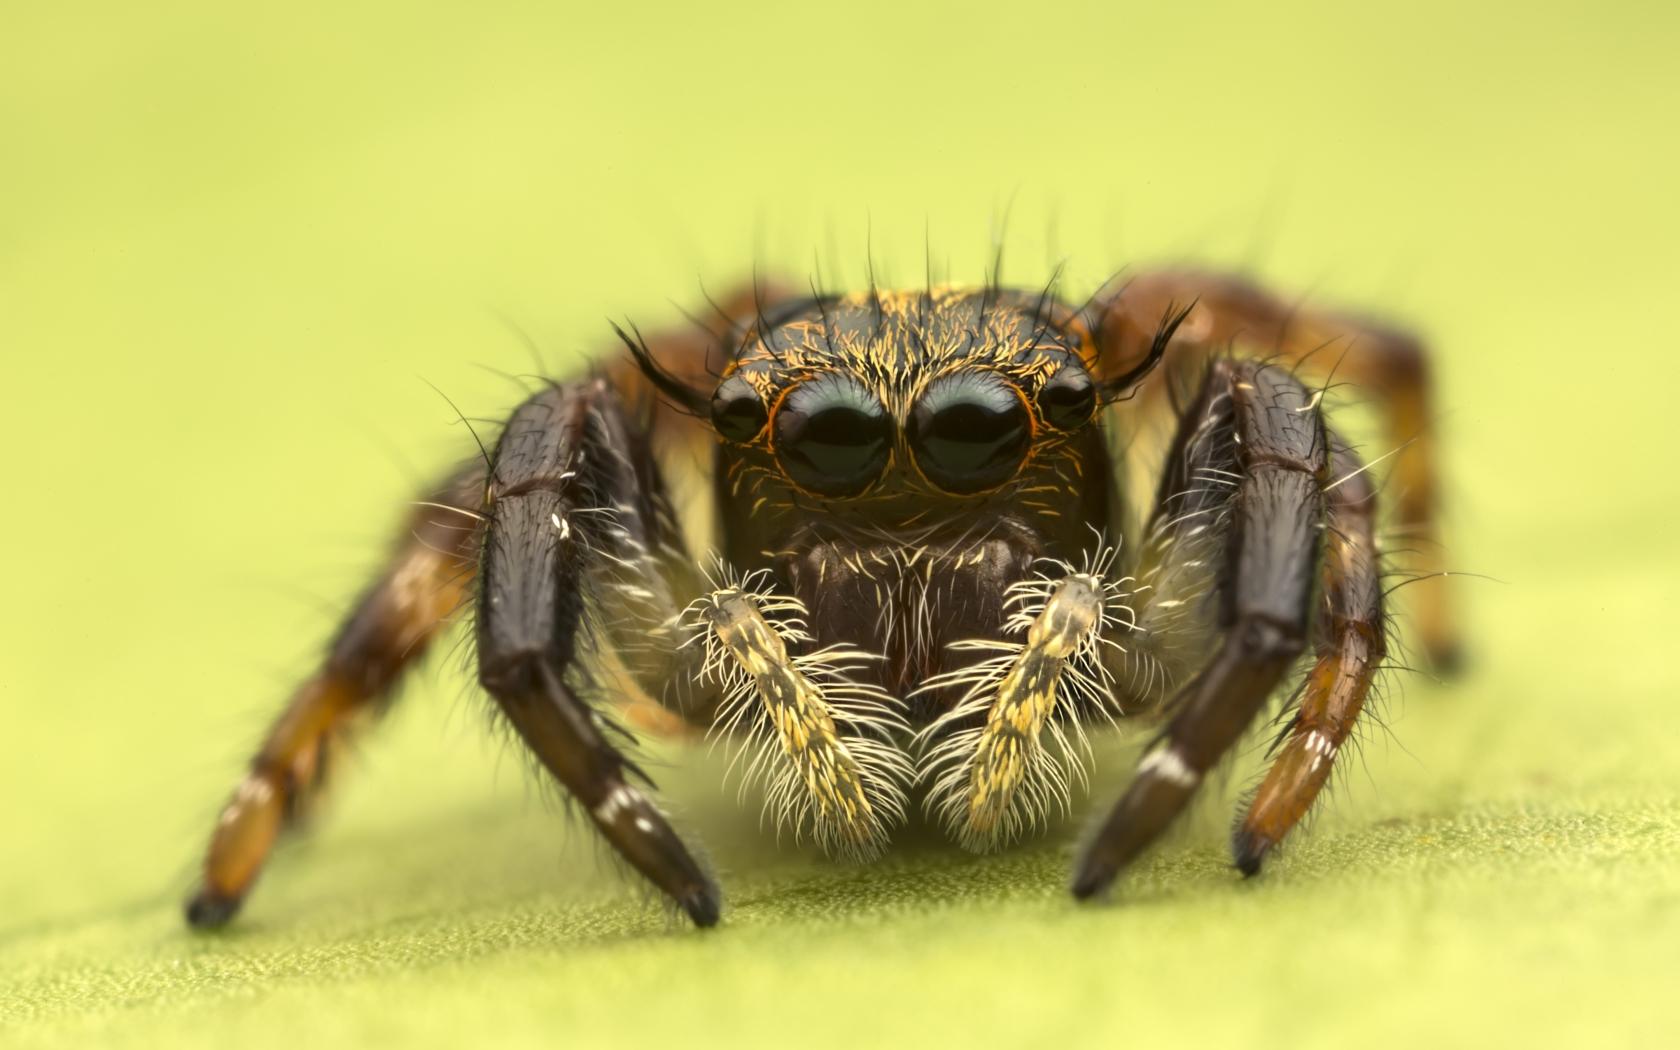 Insecto en macro - 1680x1050